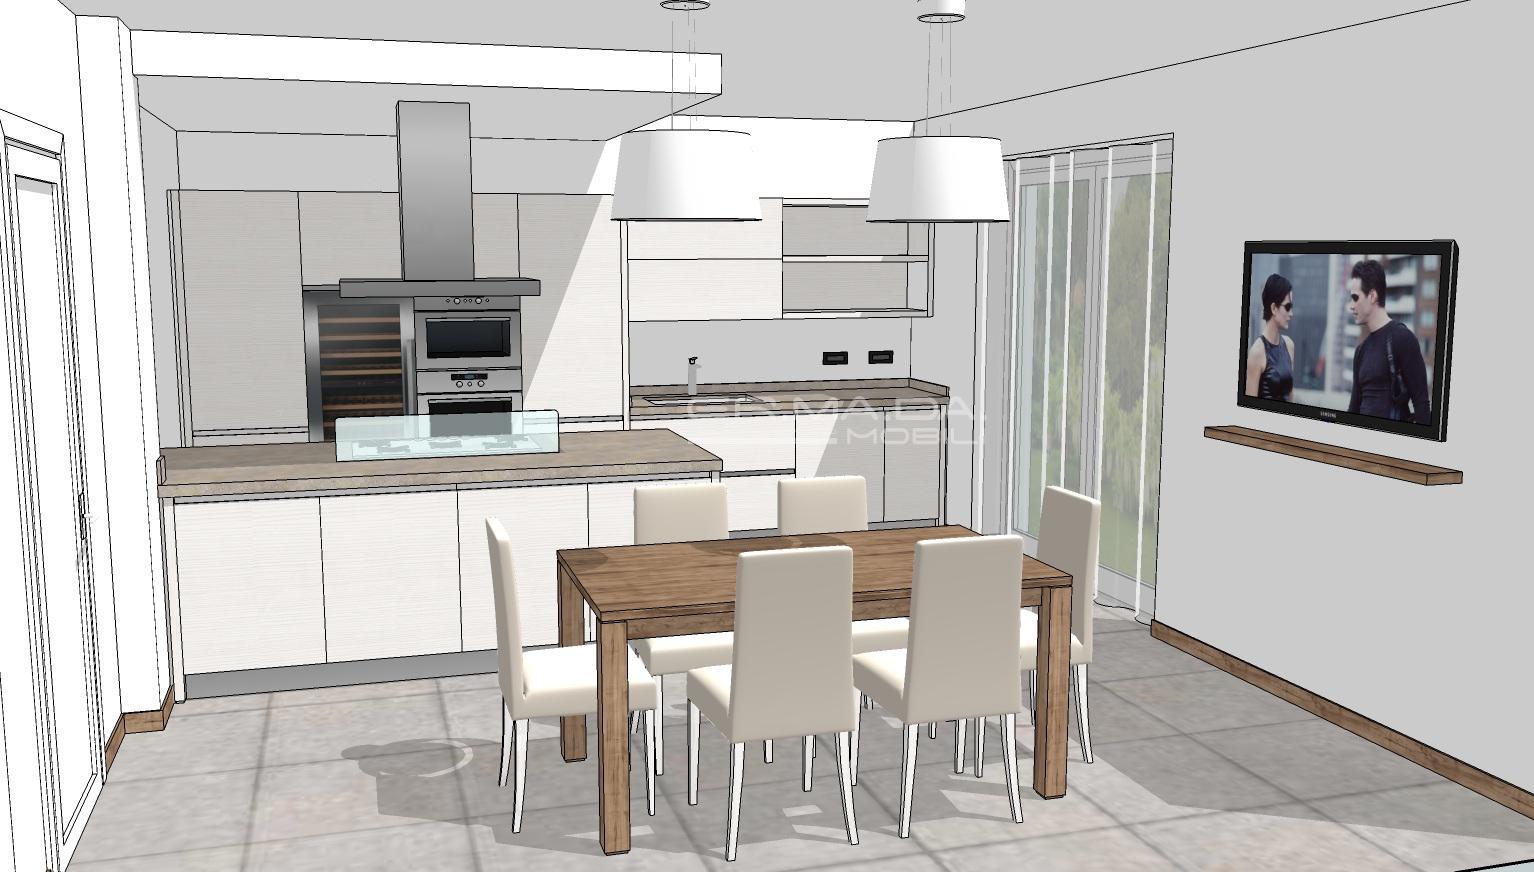 Cucina 3 er ma da mobilificio progetta e costruisce for Progetta i tuoi mobili